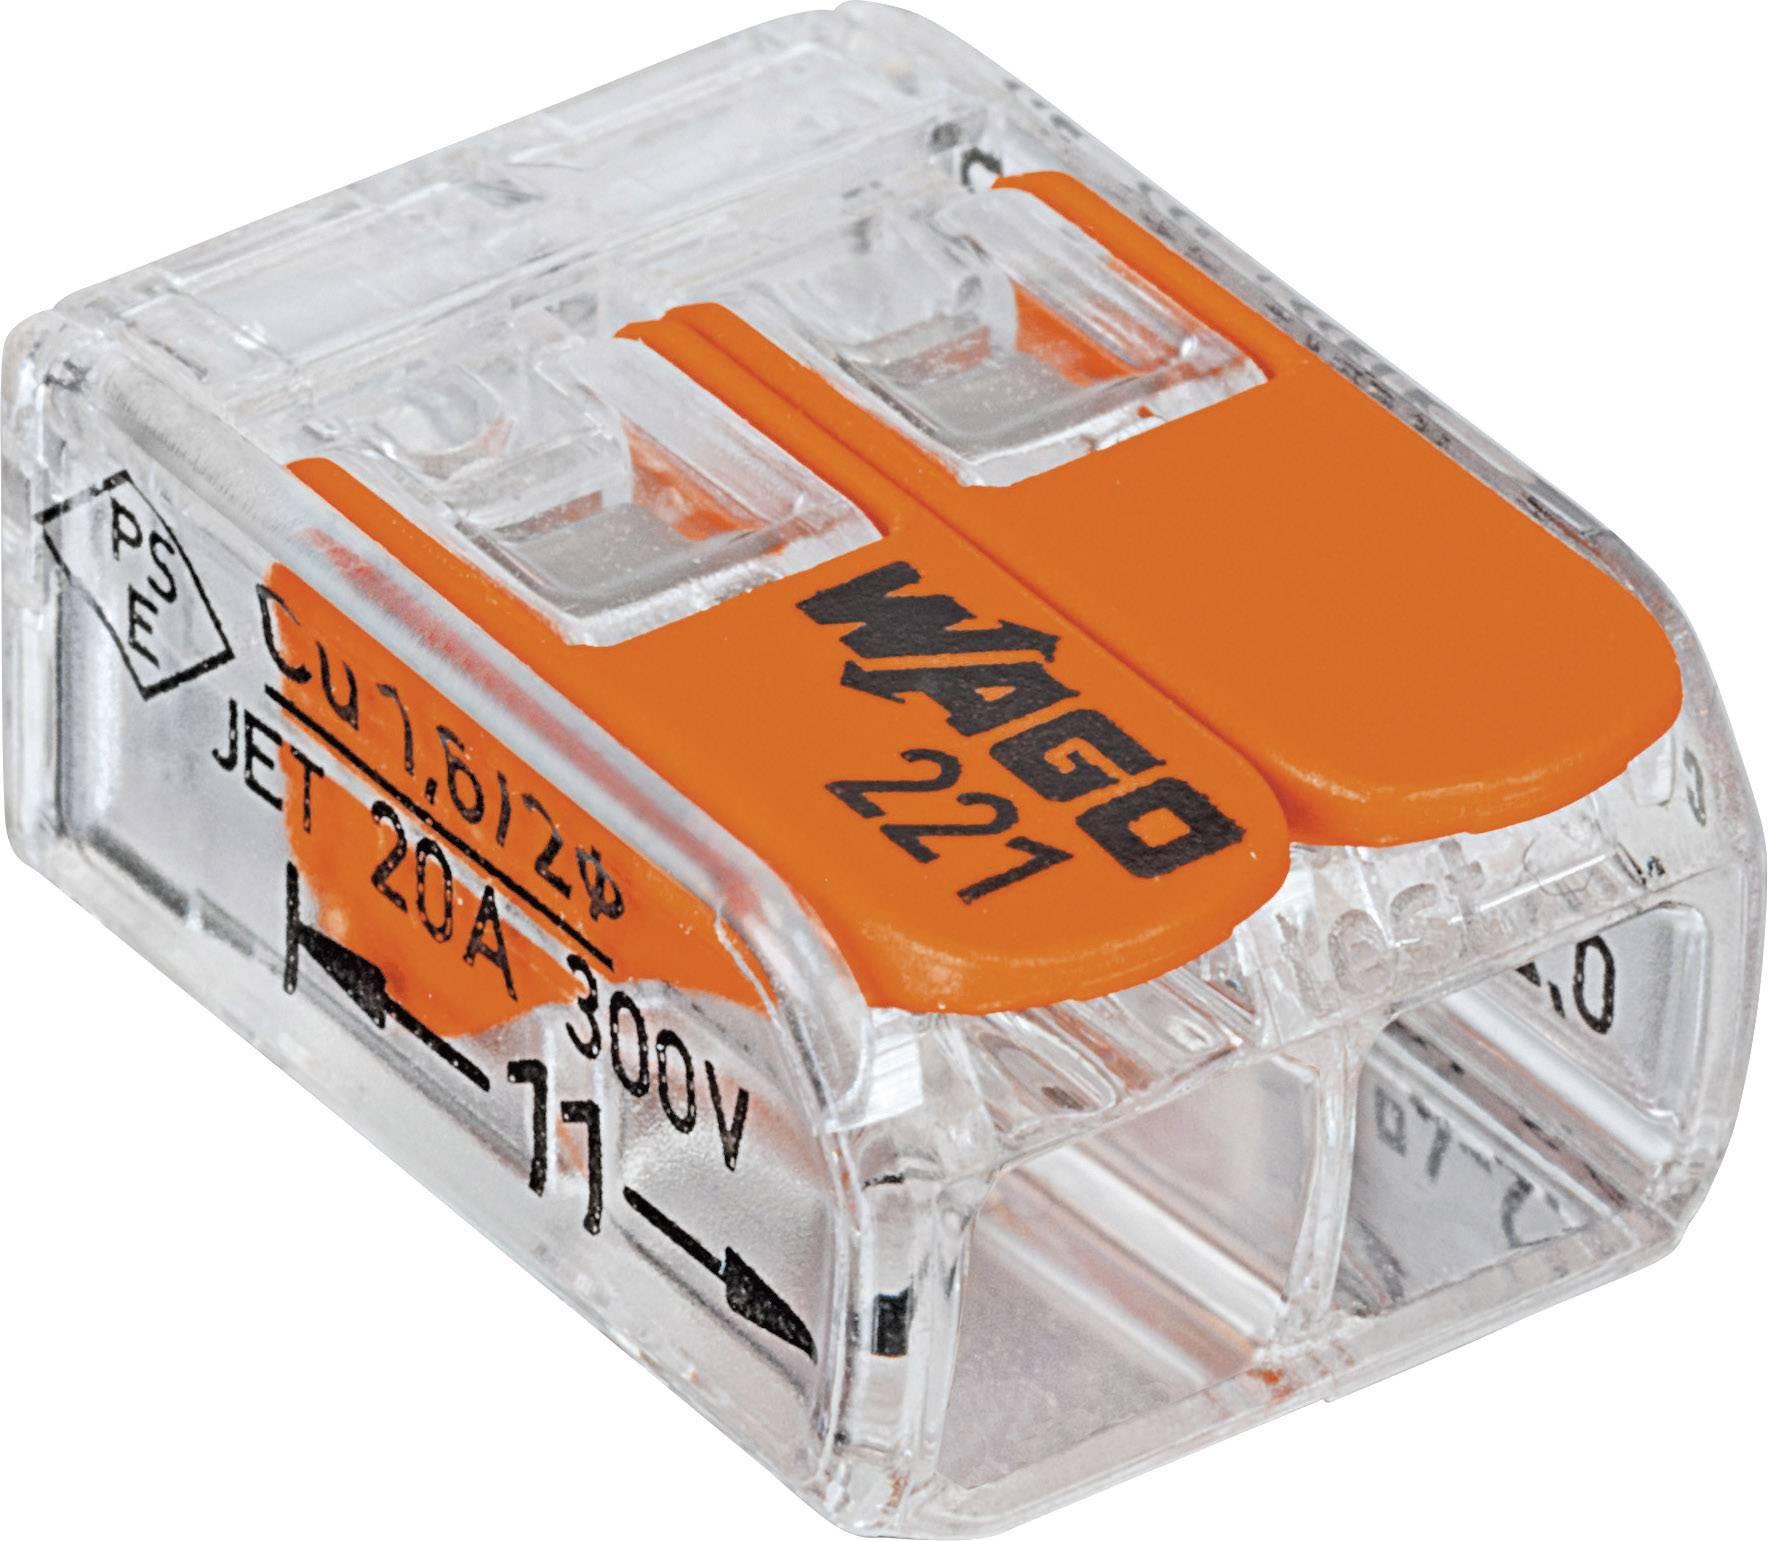 Krabicová svorkovnica WAGO 221-412 na kábel s rozmerom 0.14-4 mm², pólov 2, 1 ks, priehľadná, oranžová